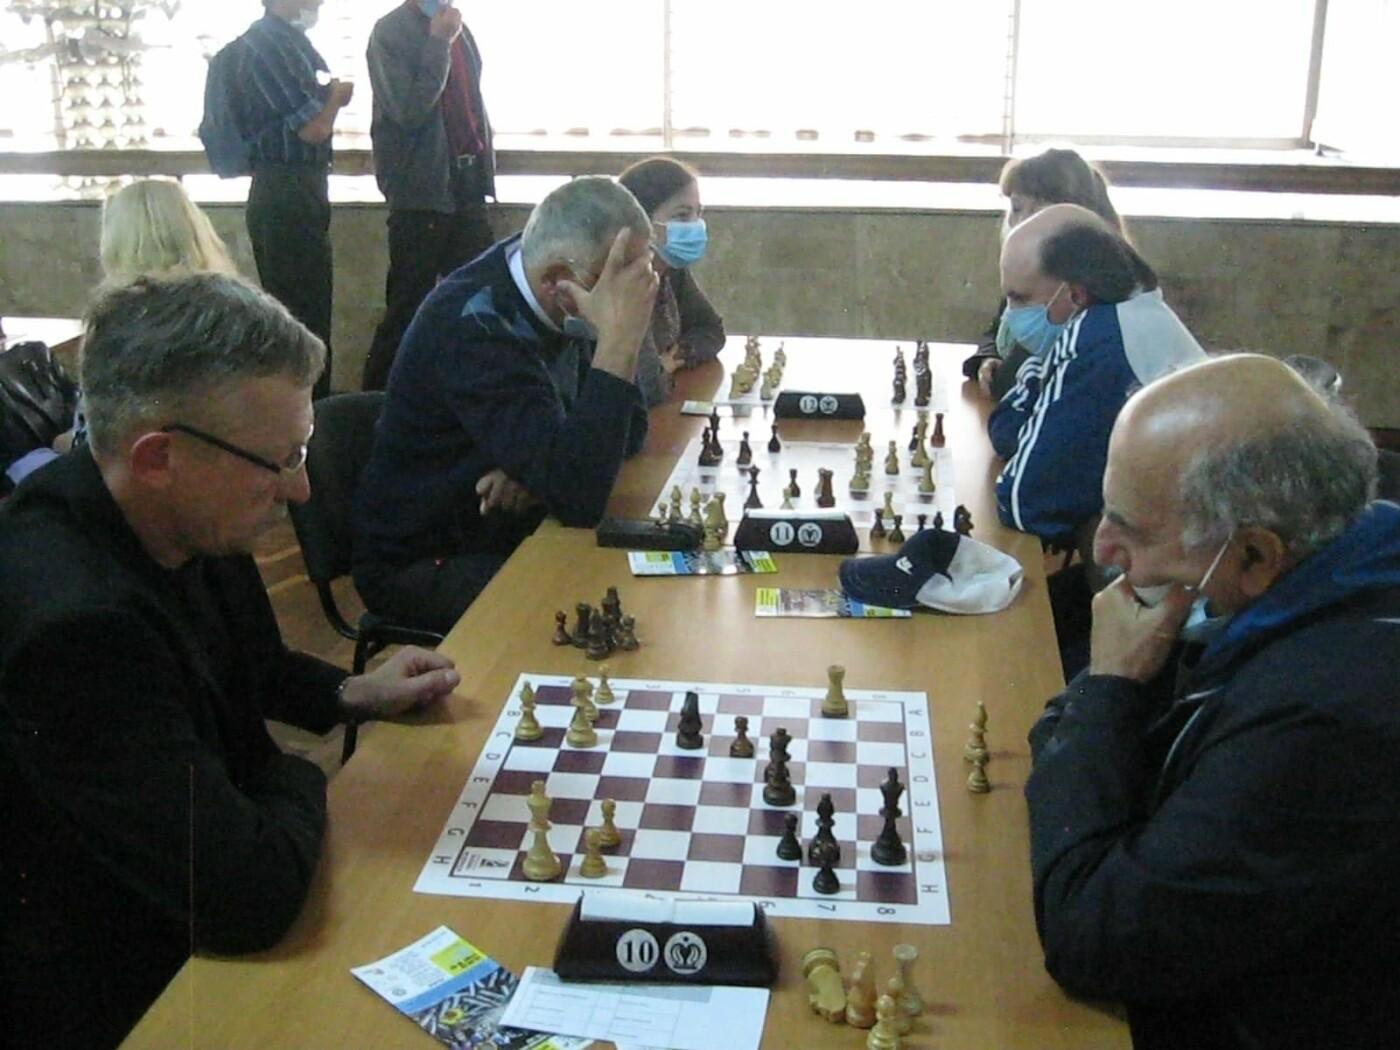 Трускавчани виграли обласні змагання з шахів серед людей з інвалідністю, фото-1